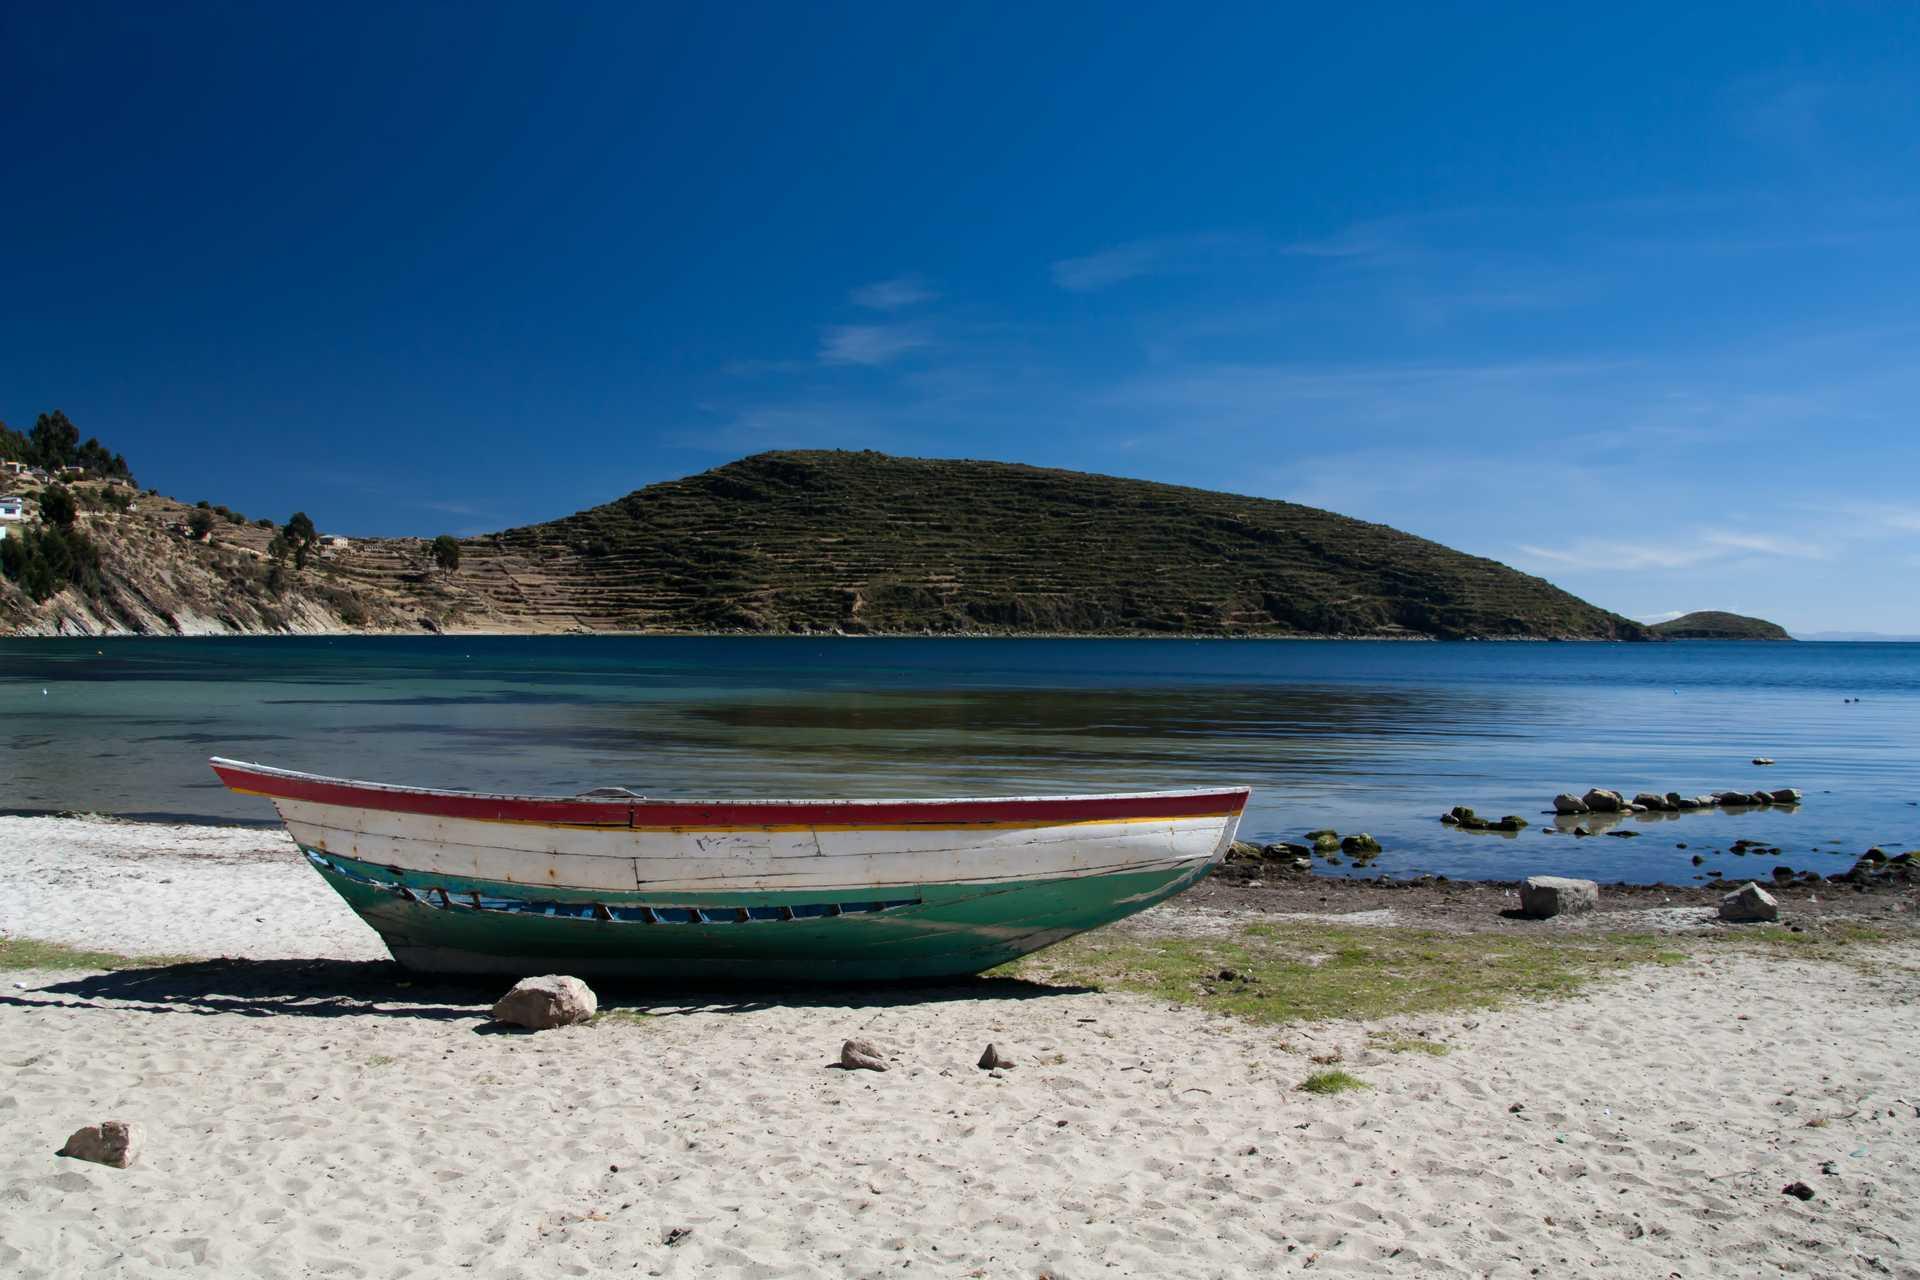 Une barque colorée sur la rive de l'île du soleil, sur le Lac Titicaca en Bolivie